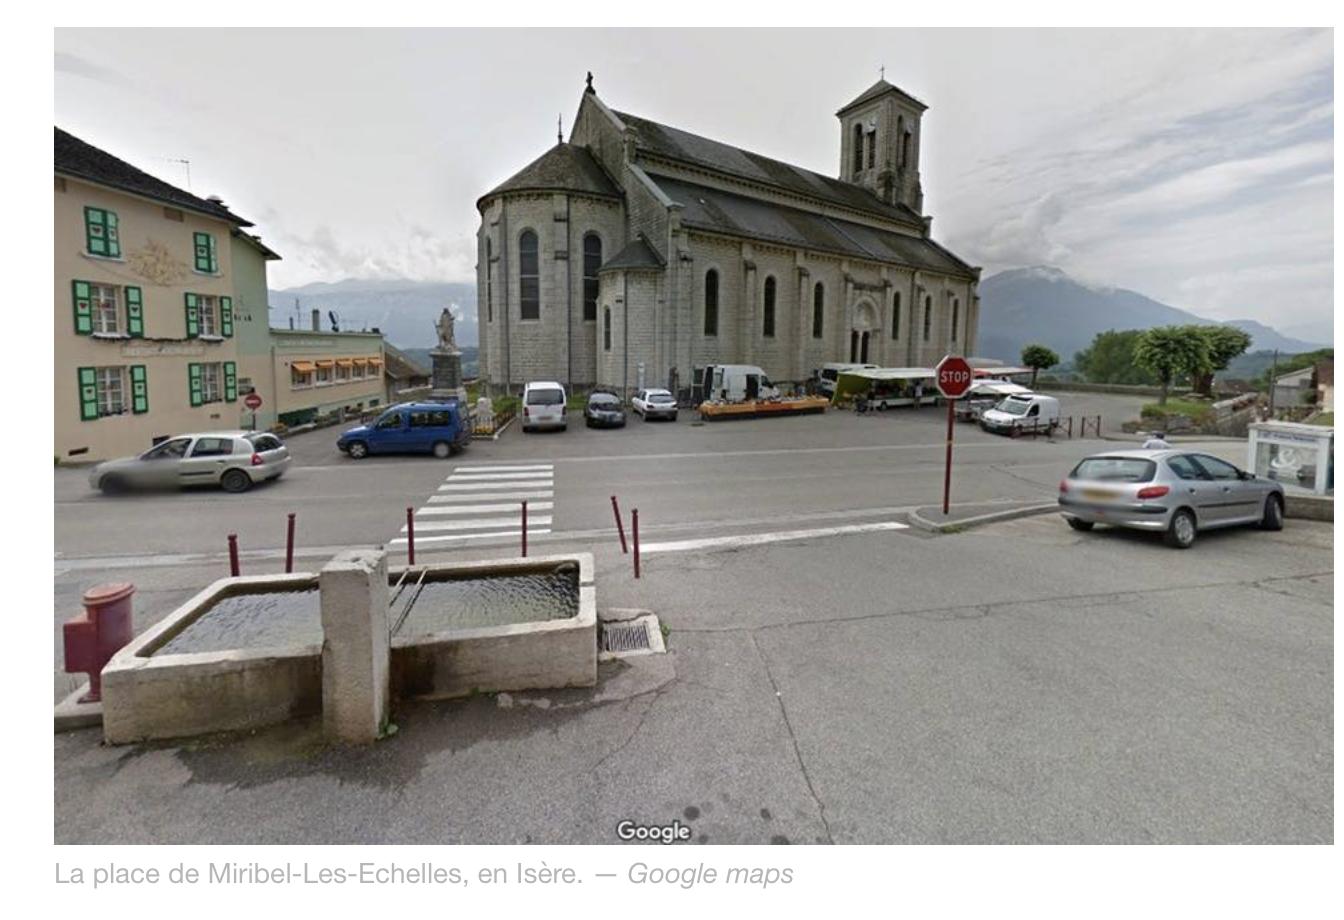 Miribel-les-Echelles : 6 djeunes agressent le maire,  il ne les laissait pas envoyer des feux d'artifice sur l'église